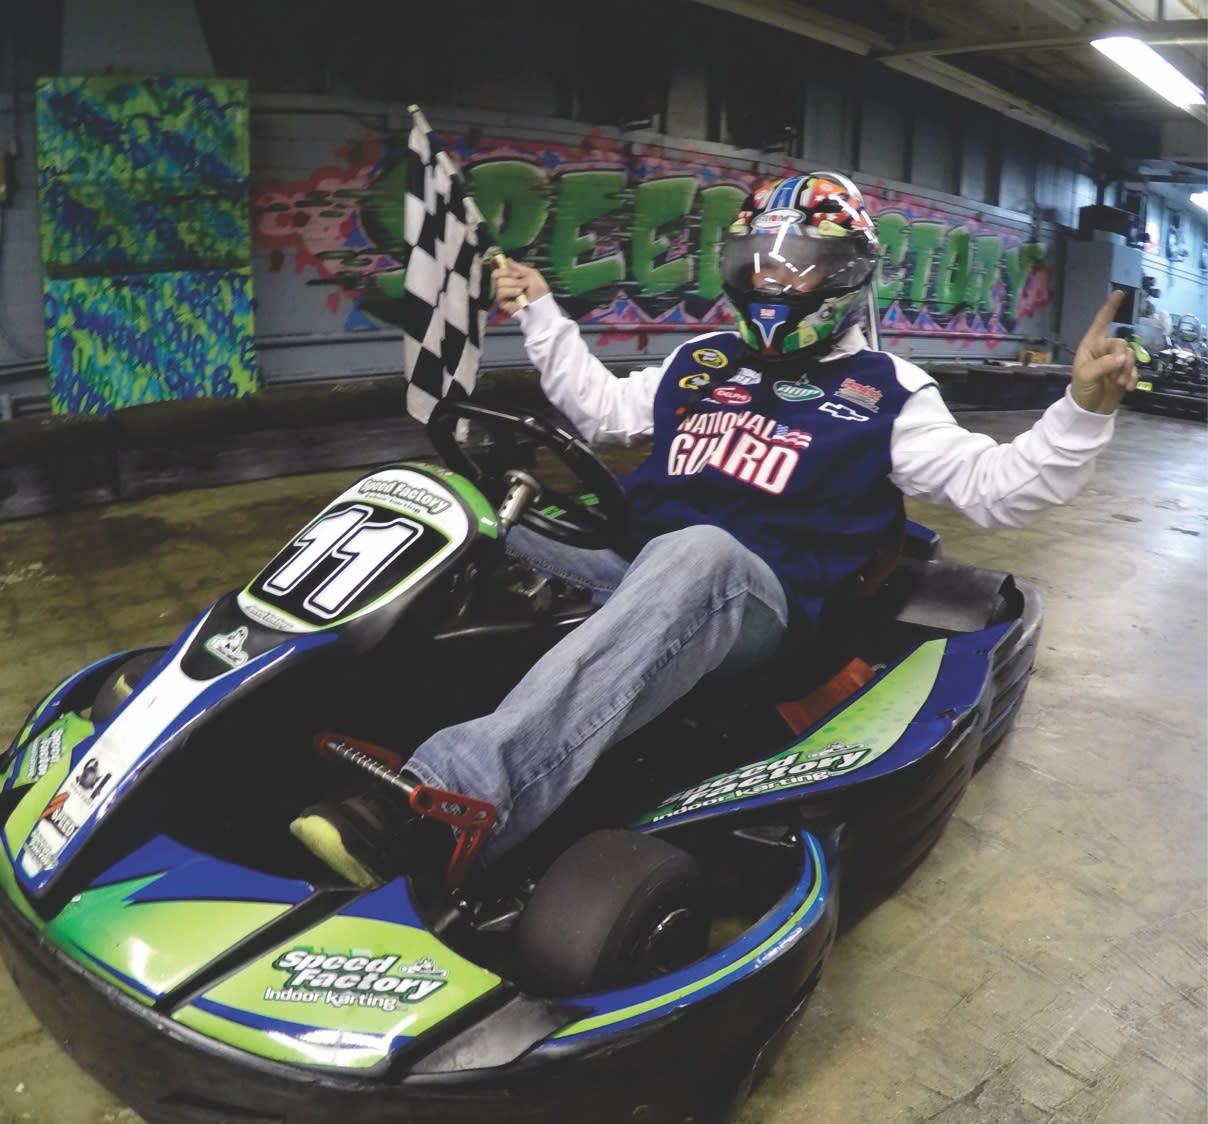 4d5c8ee4b14 Speed Factory Indoor Karting